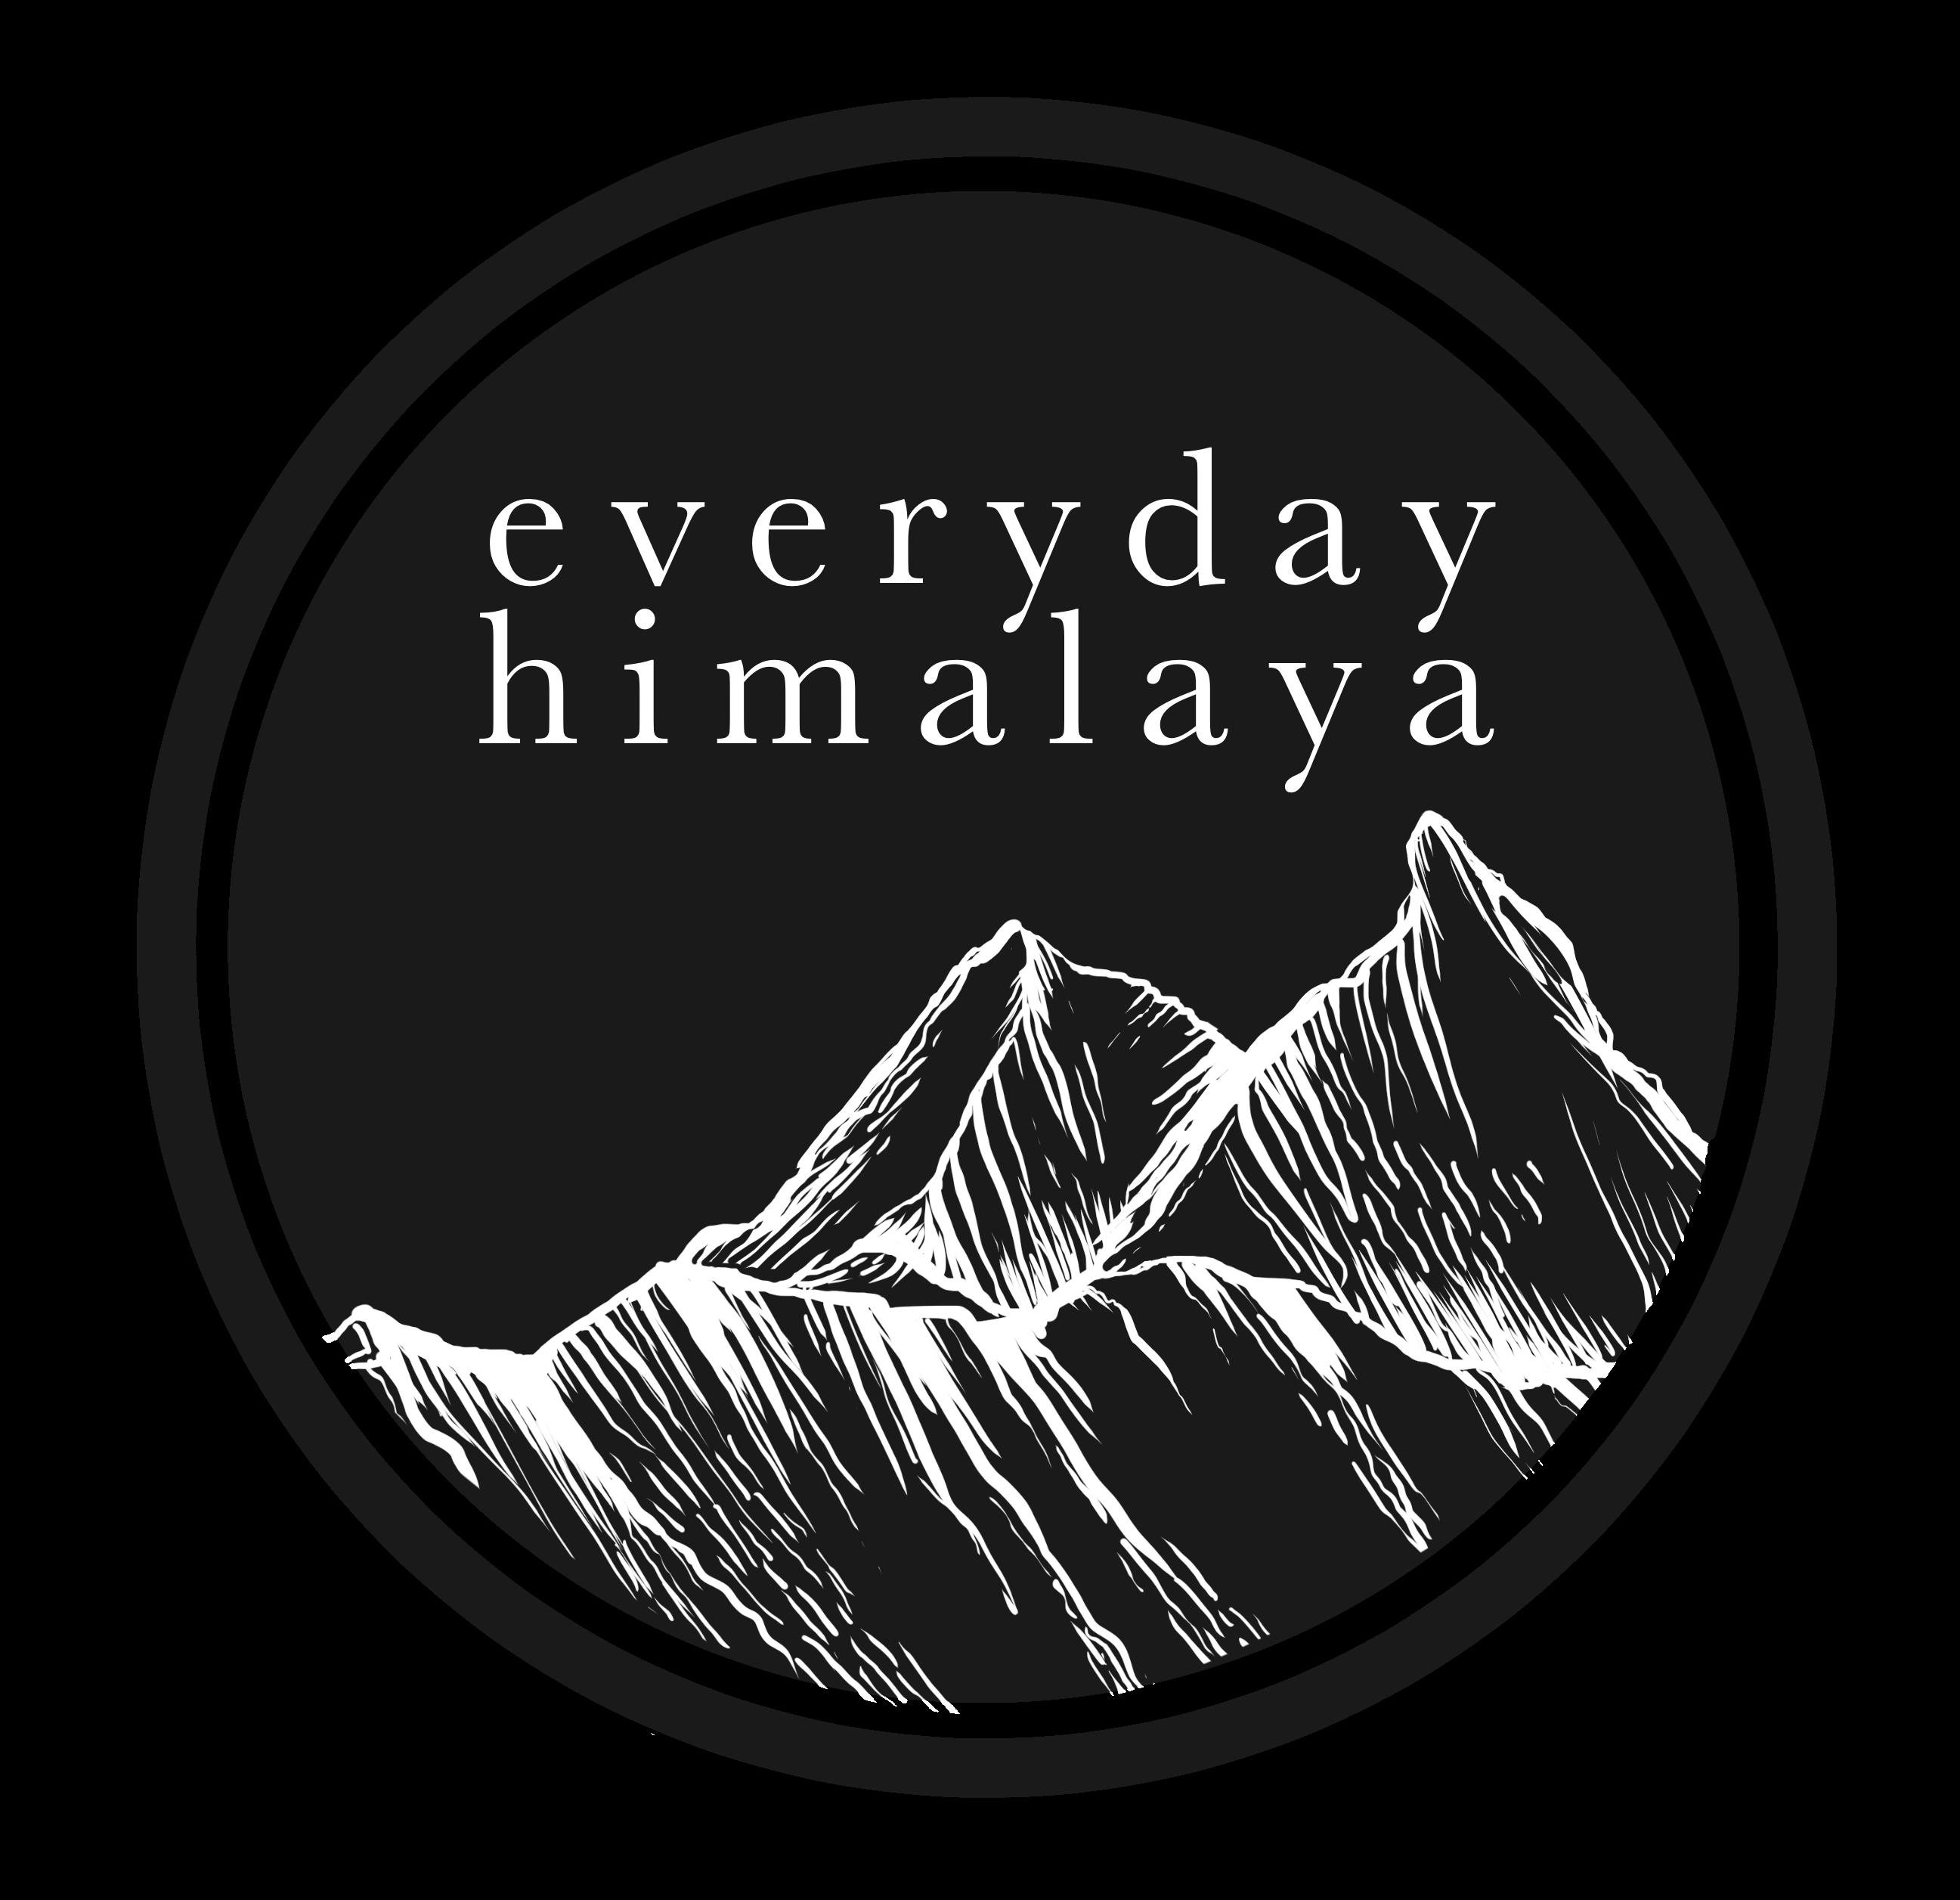 EVERYDAY HIMALAYA